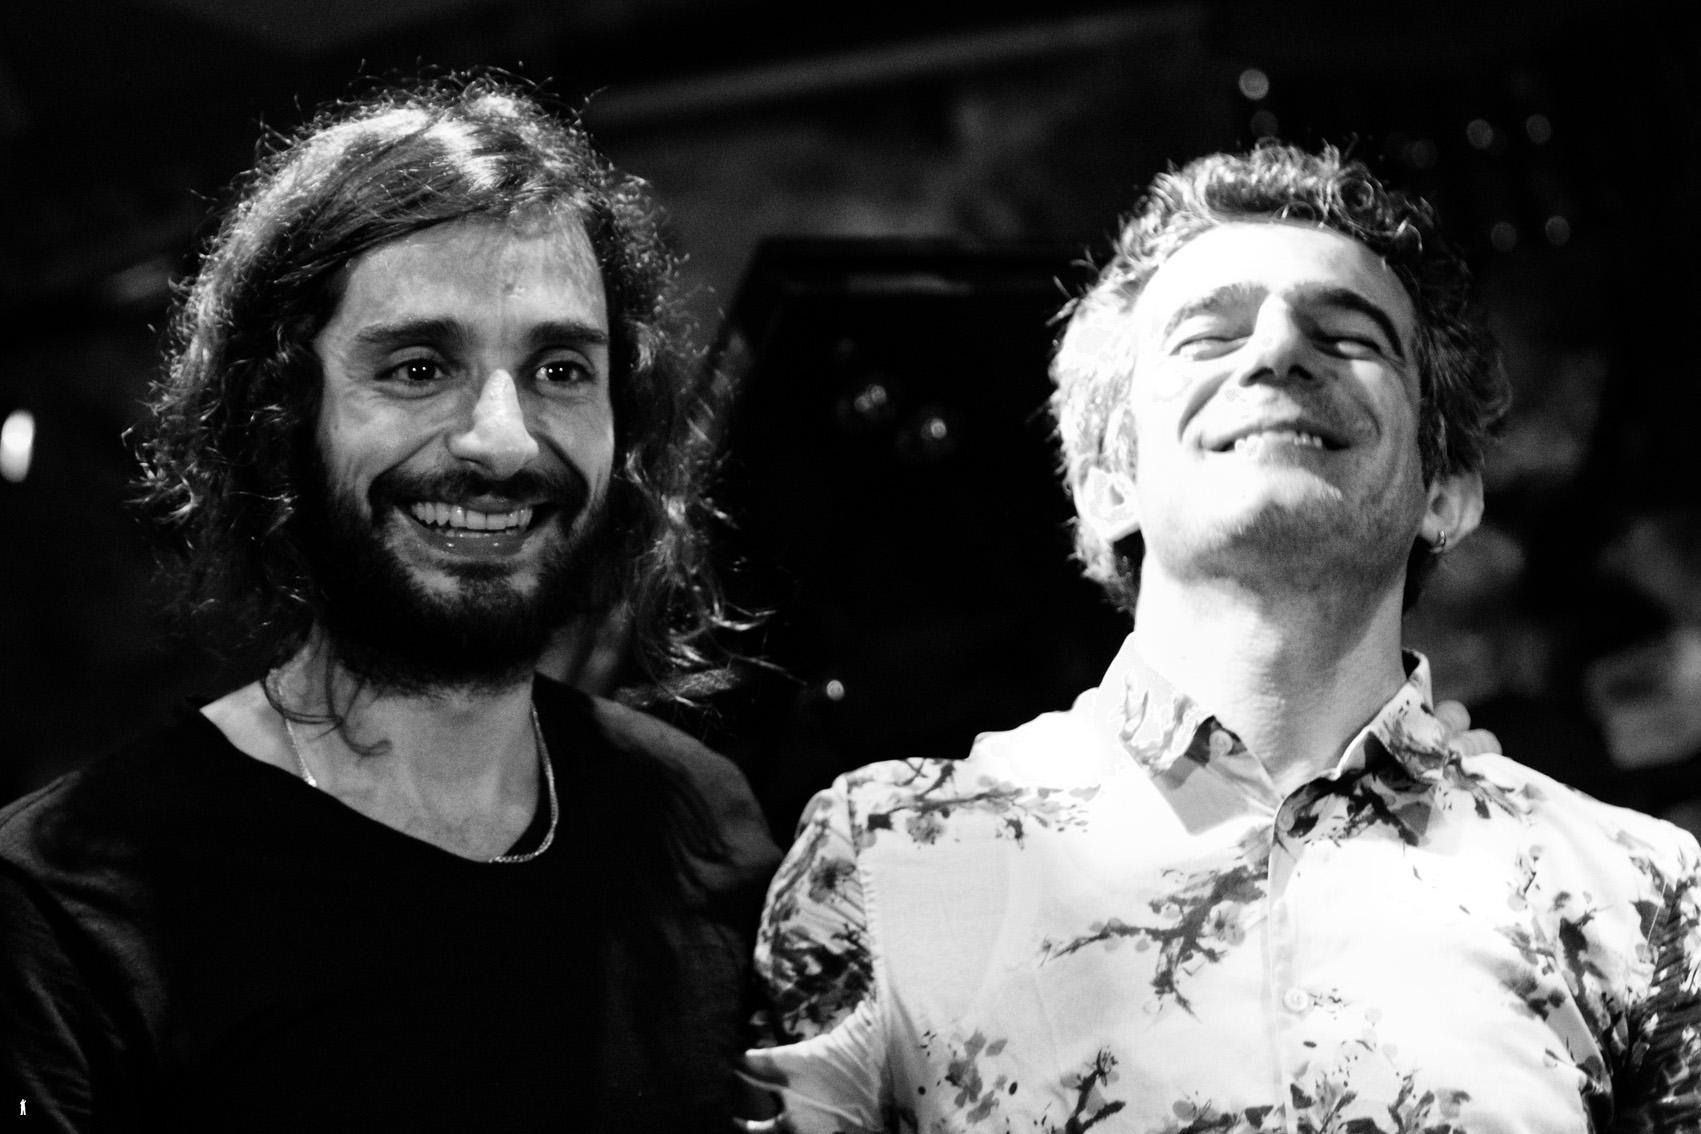 Paolo Fresu & Dino Rubino